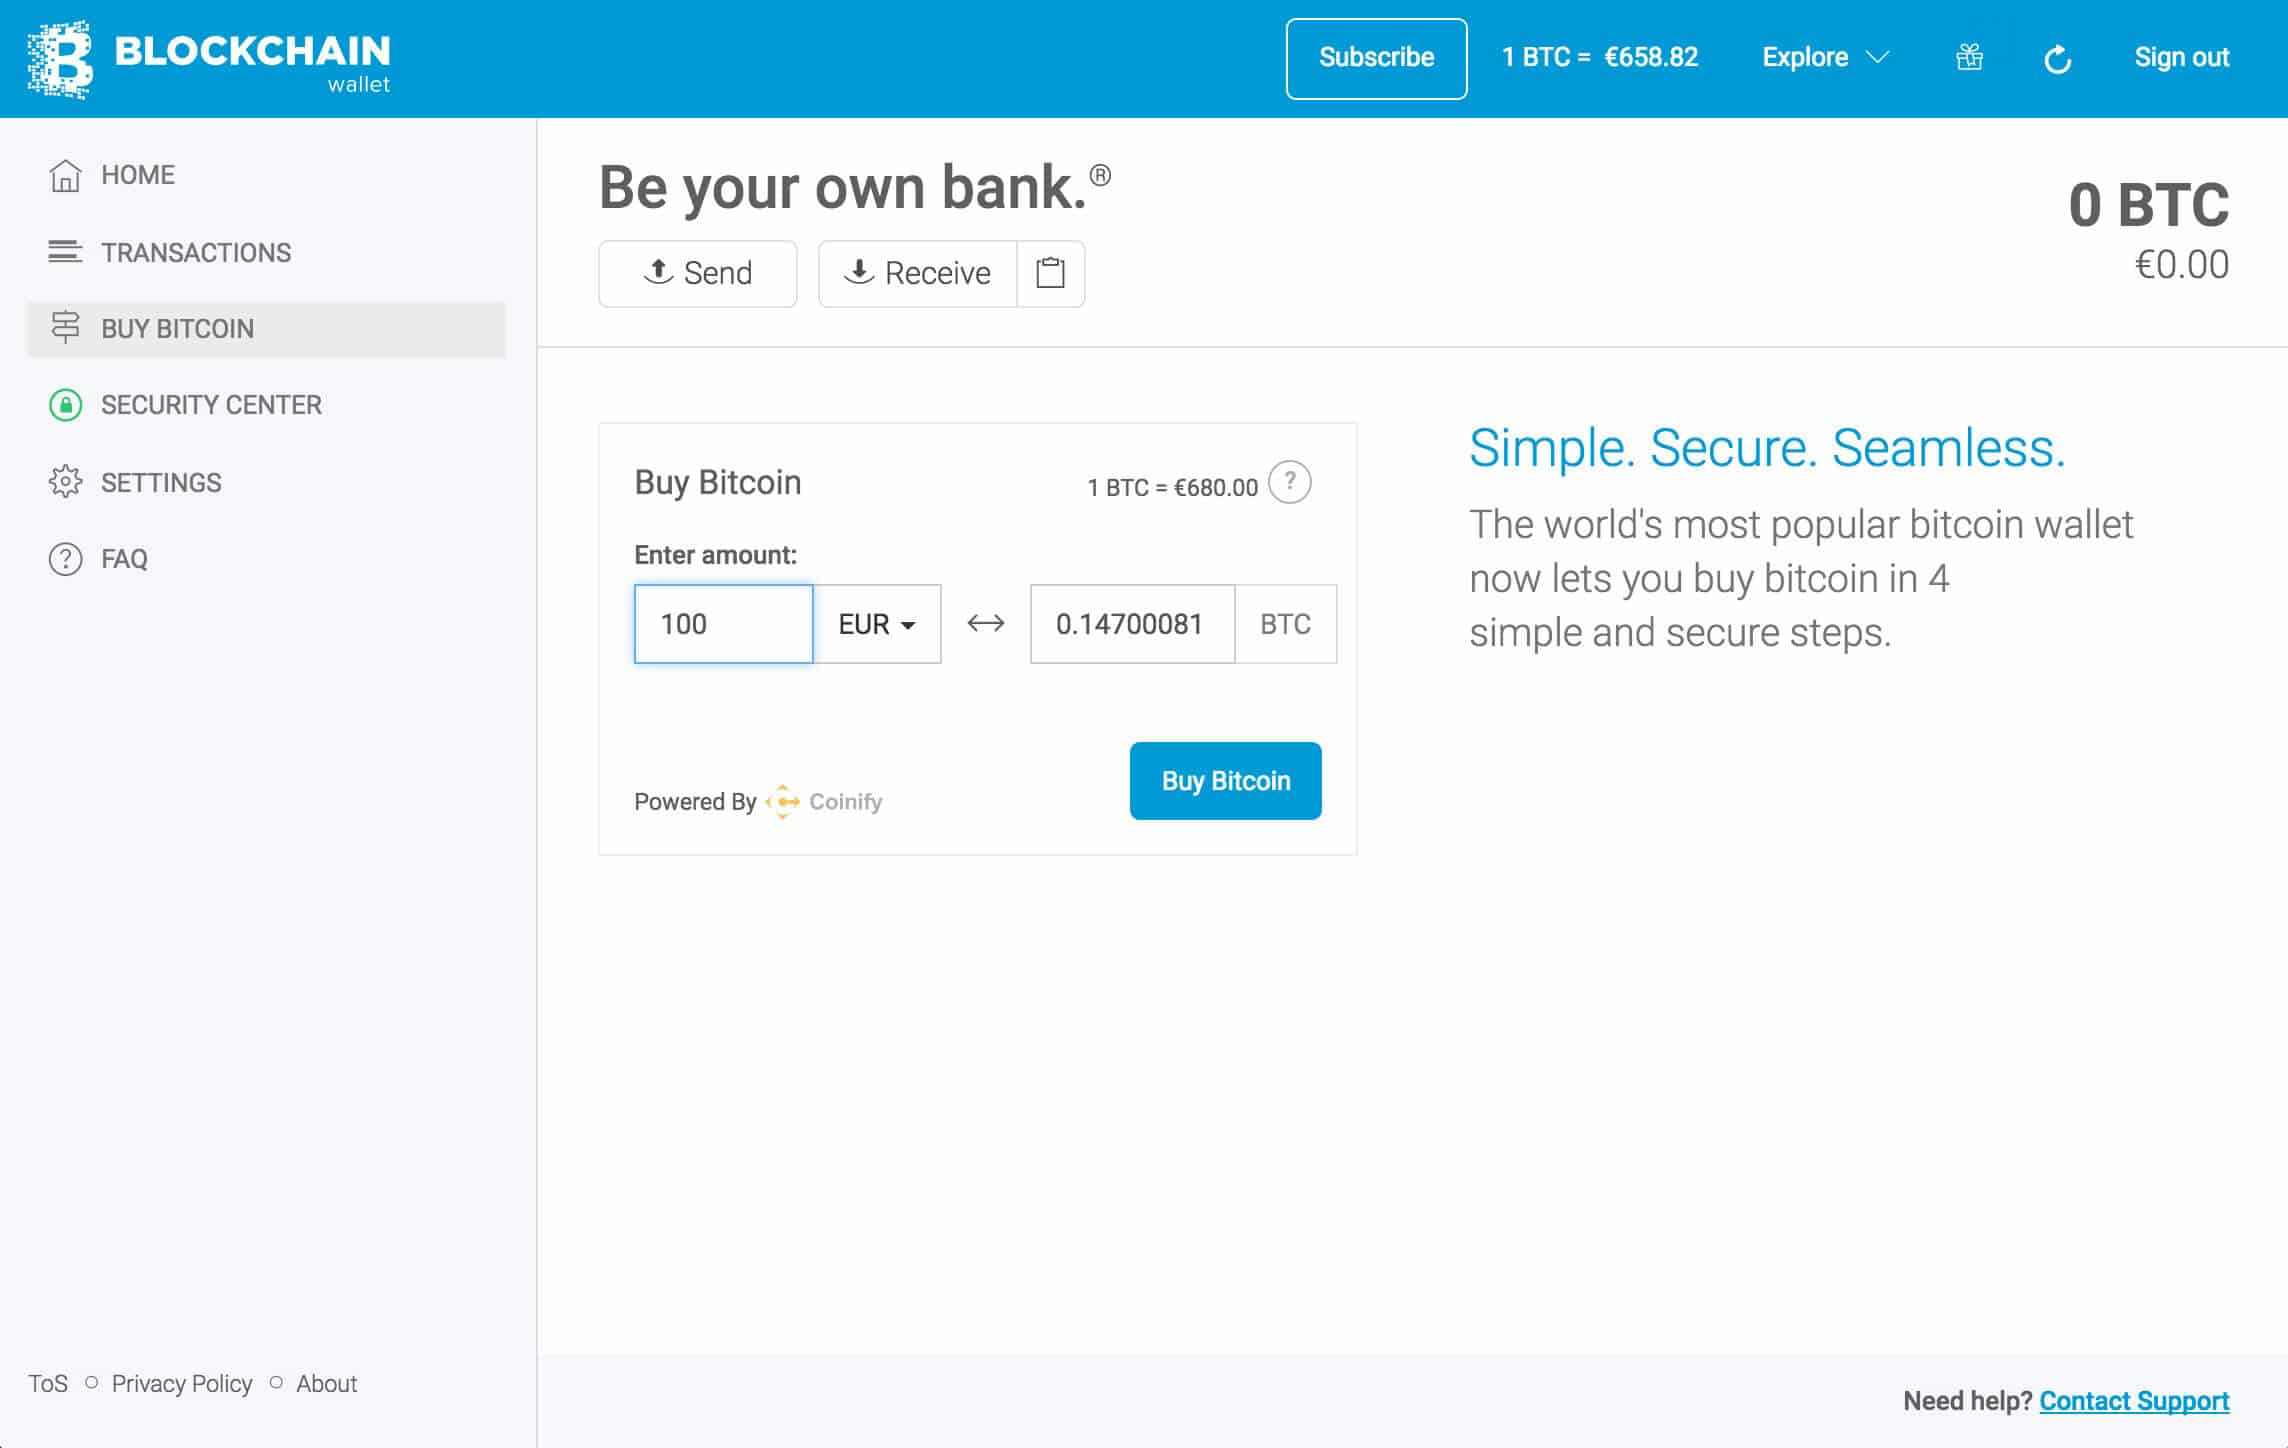 купить биткоин в личном кабинете кошелька blockchain